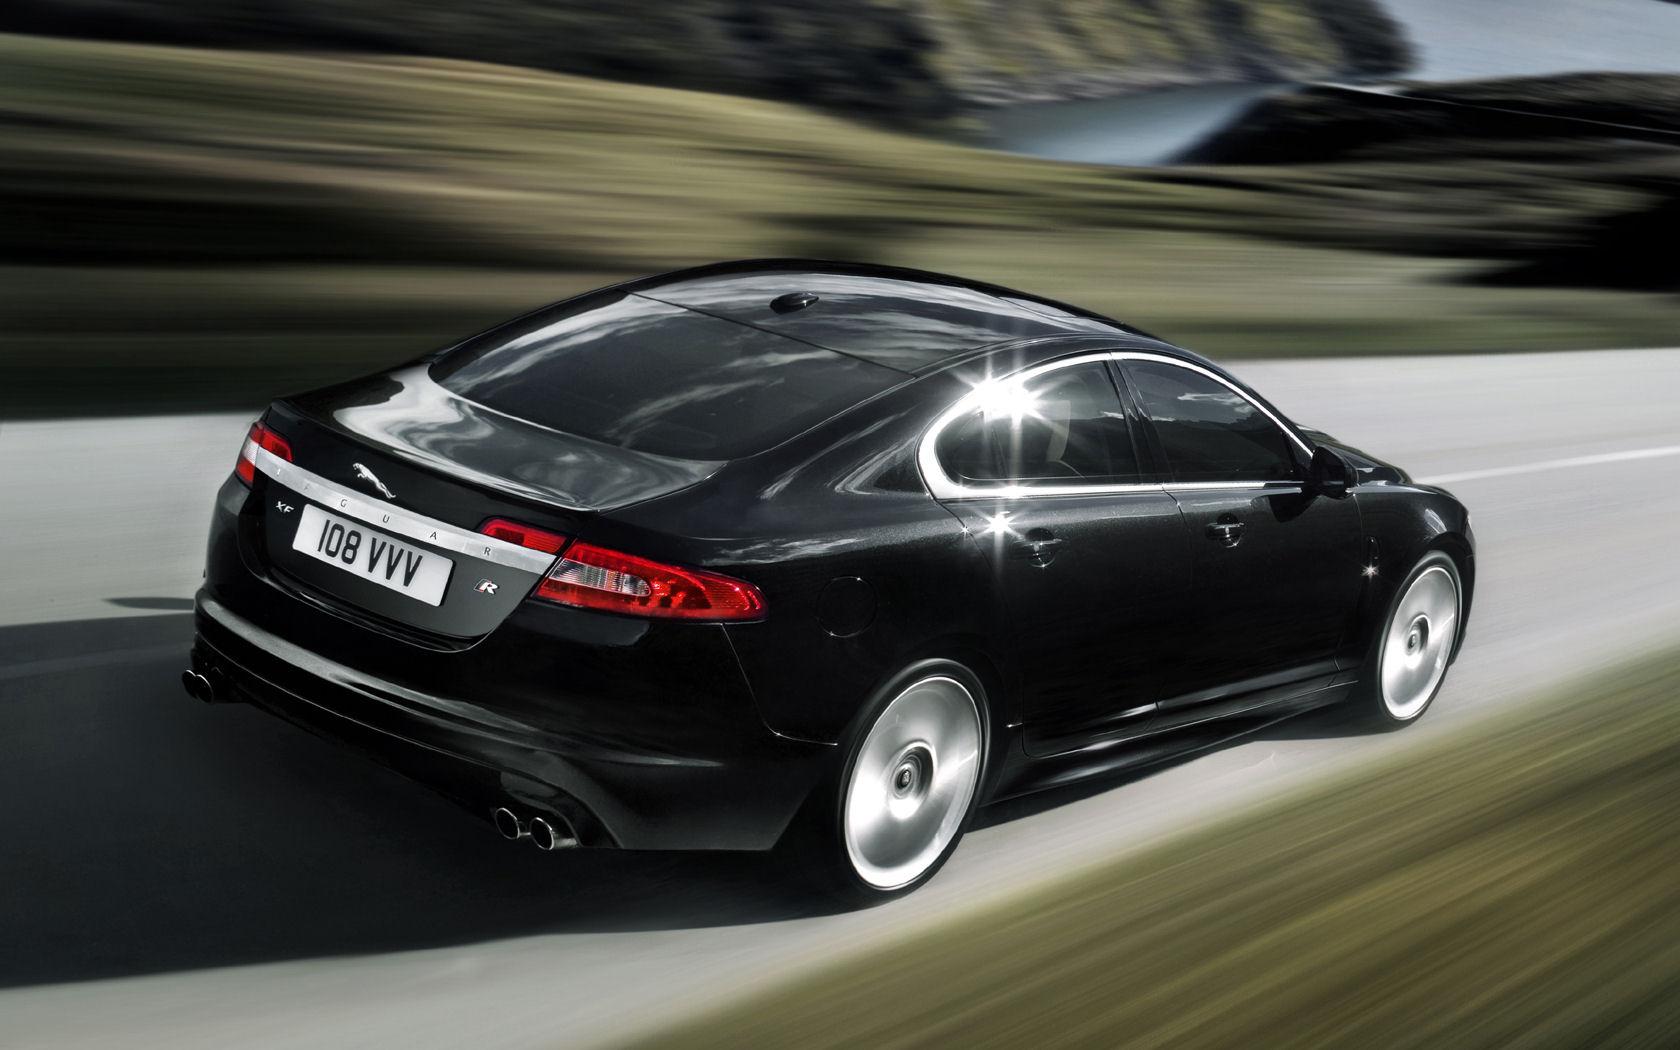 Jaguar C Xf Concept Wallpaper Hd Car Wallpapers 1680x1050